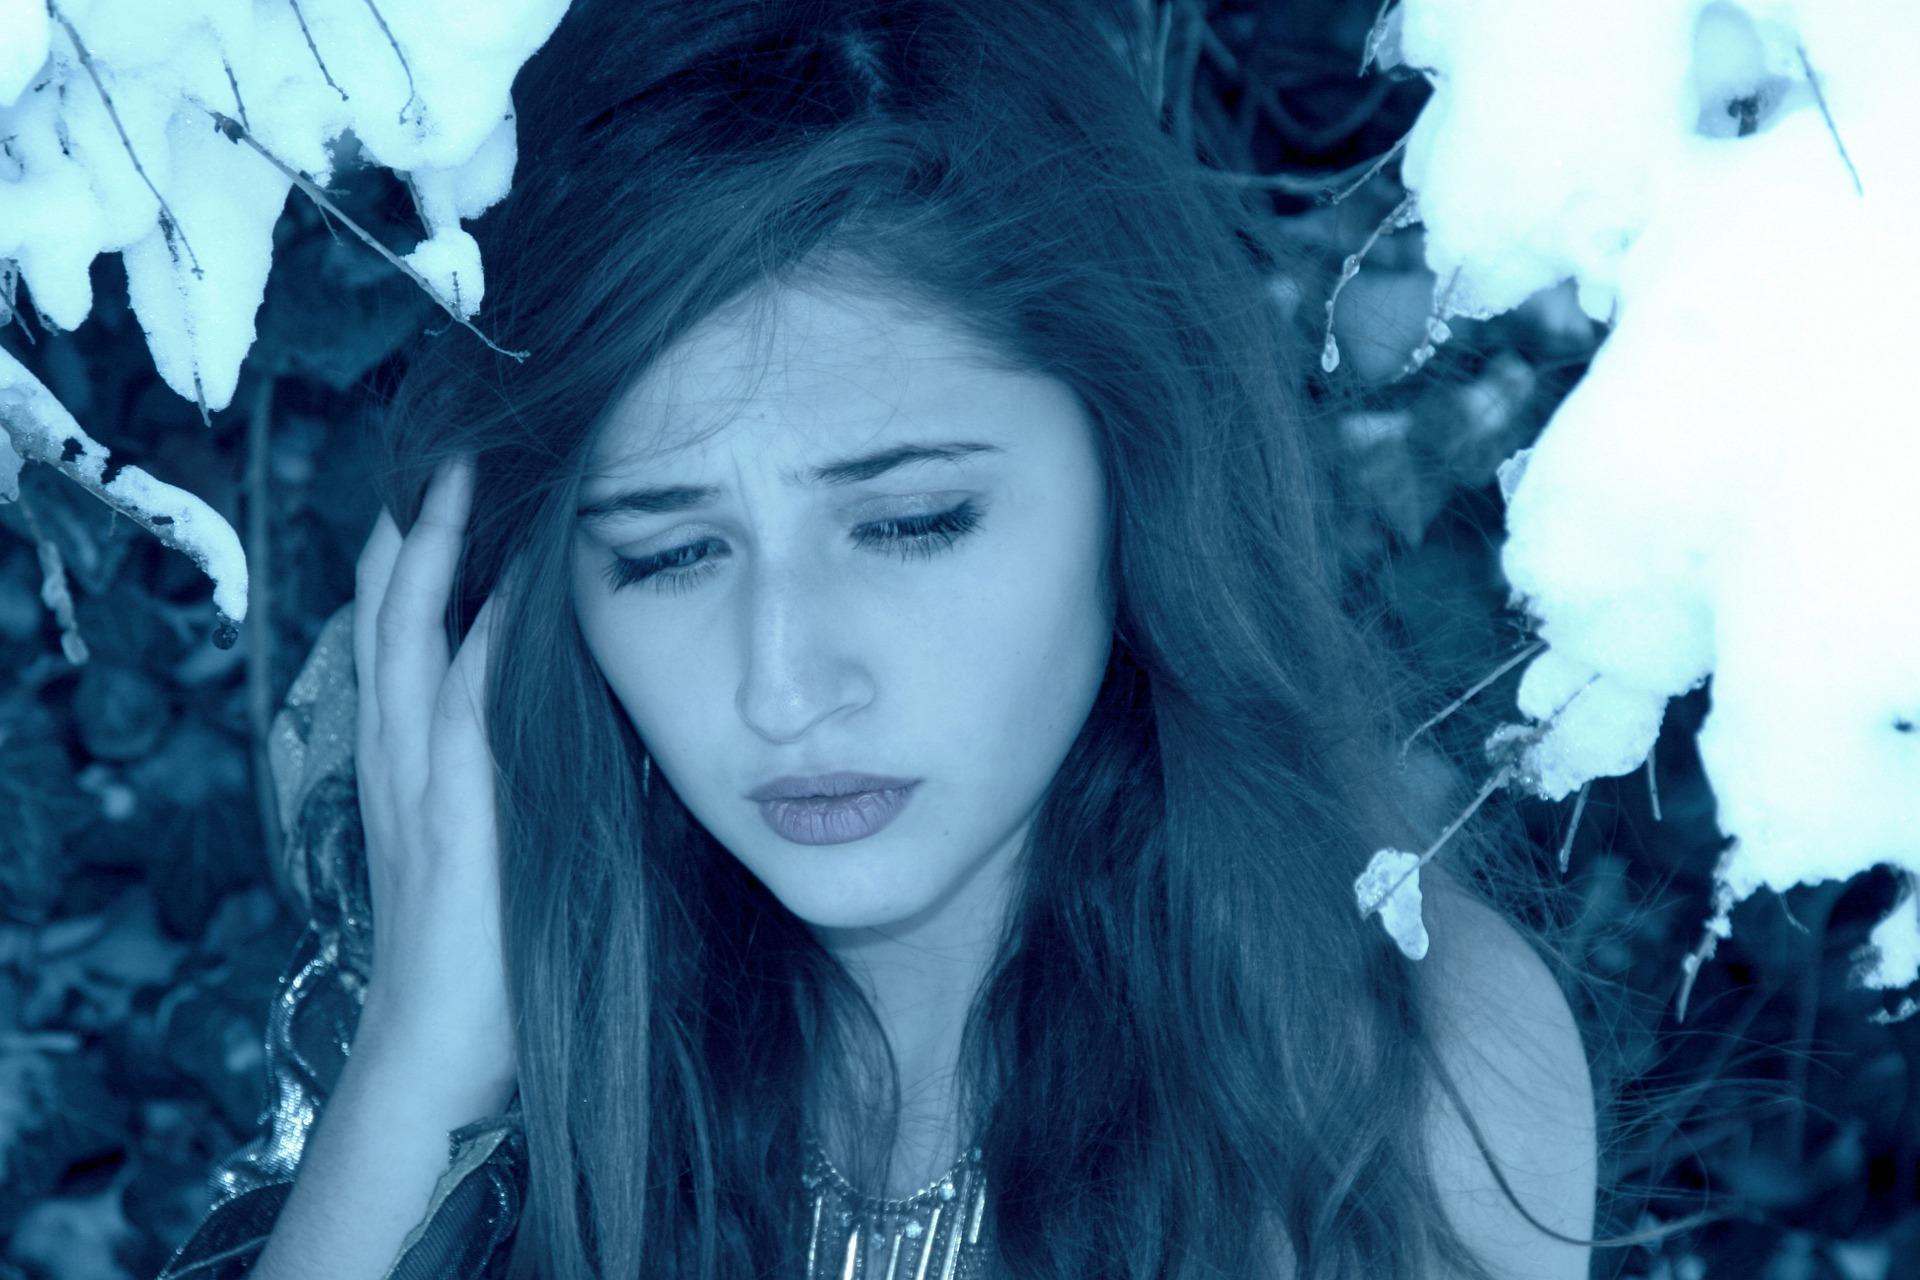 Girl sadness cold winter snow sadness sadness sadness sadness sadness